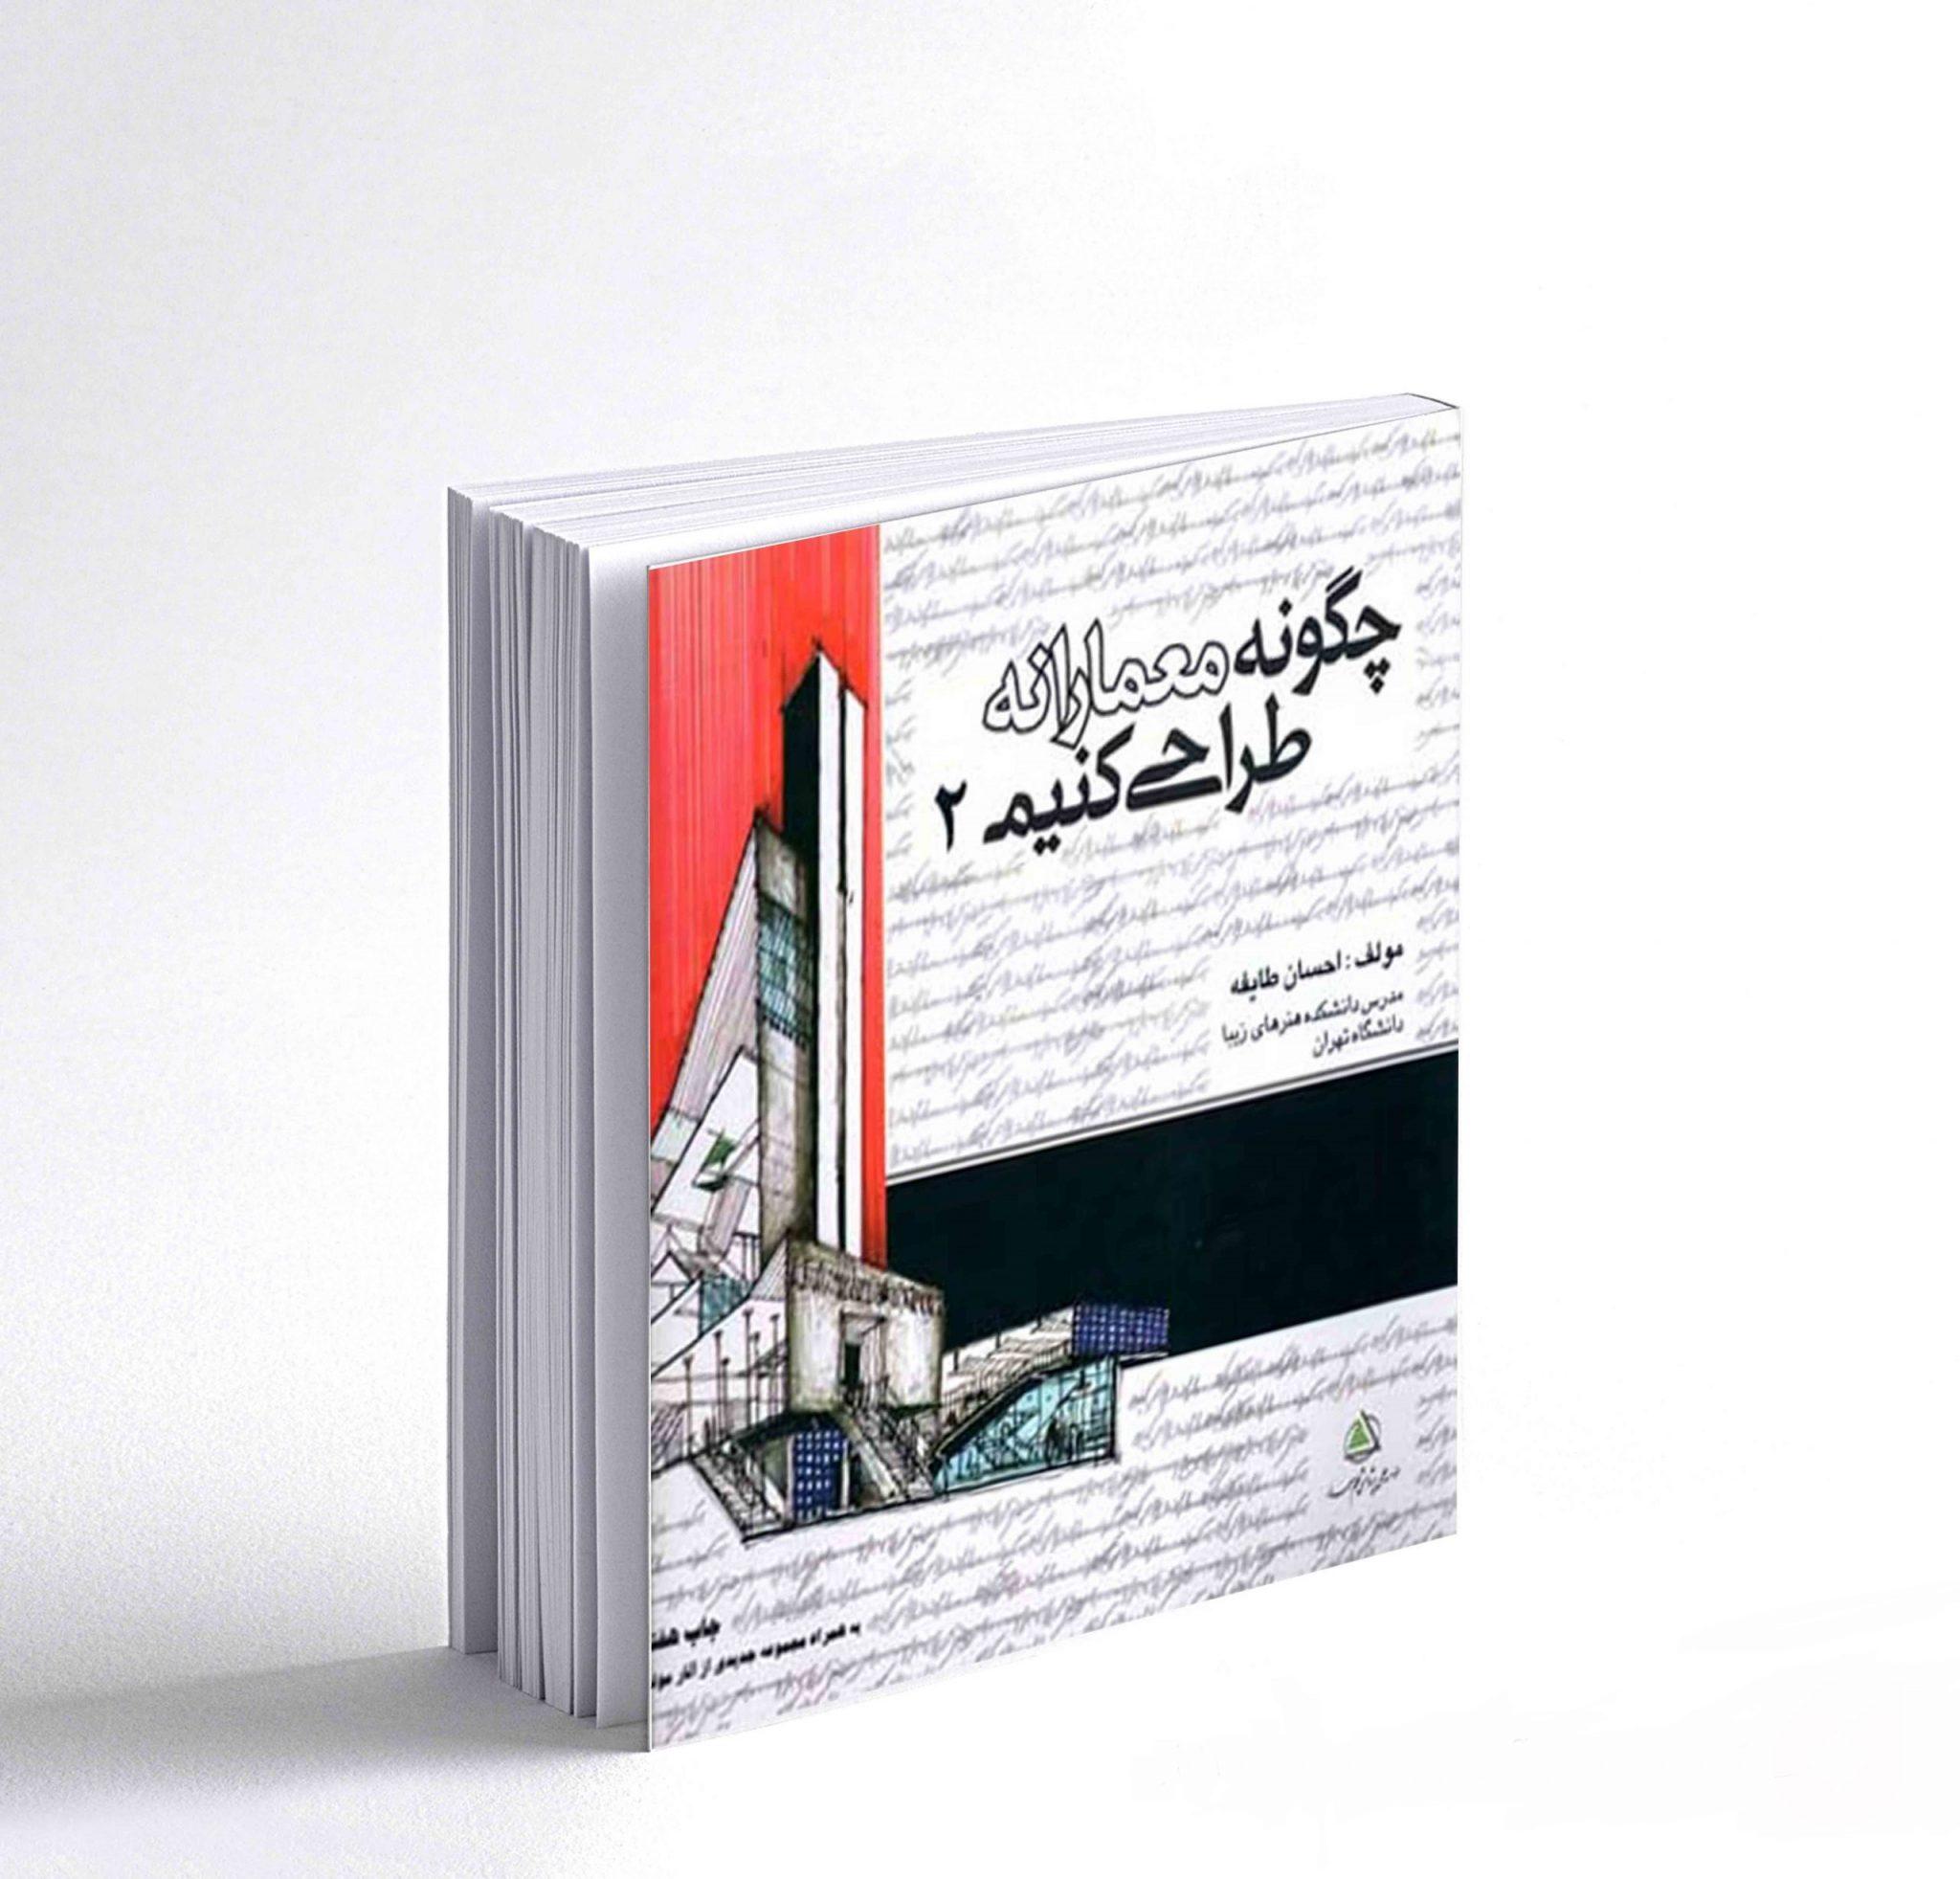 احسان طایفه کتاب چگونه معمارانه طراحی کنیم جلد 2